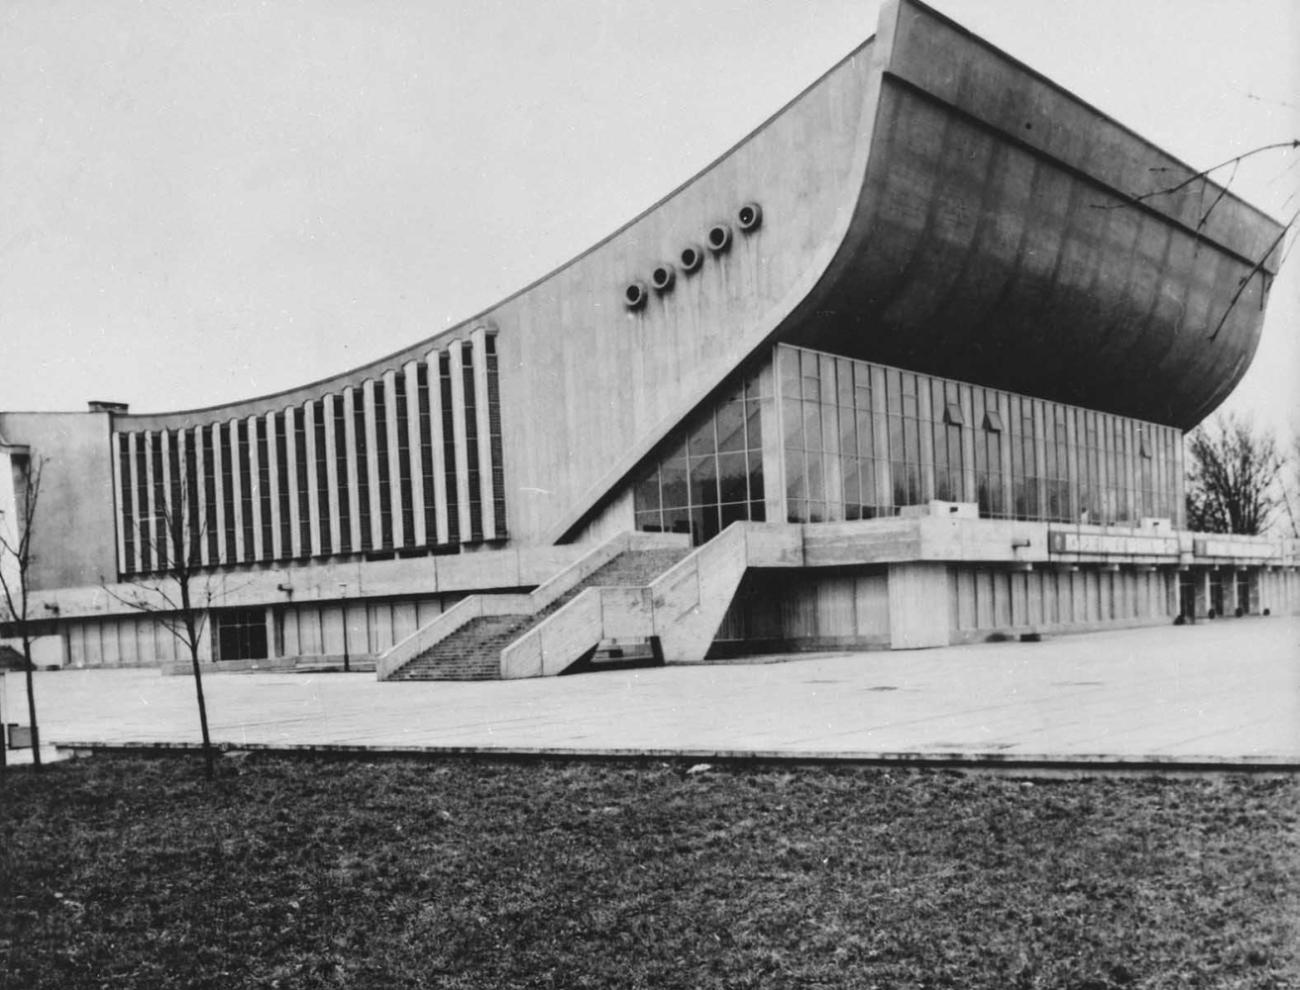 Э. Хломаускас, Э. Ляндзбергис, Й. Крюкялис и др. Дворец спорта в Вильнюсе. 1971.